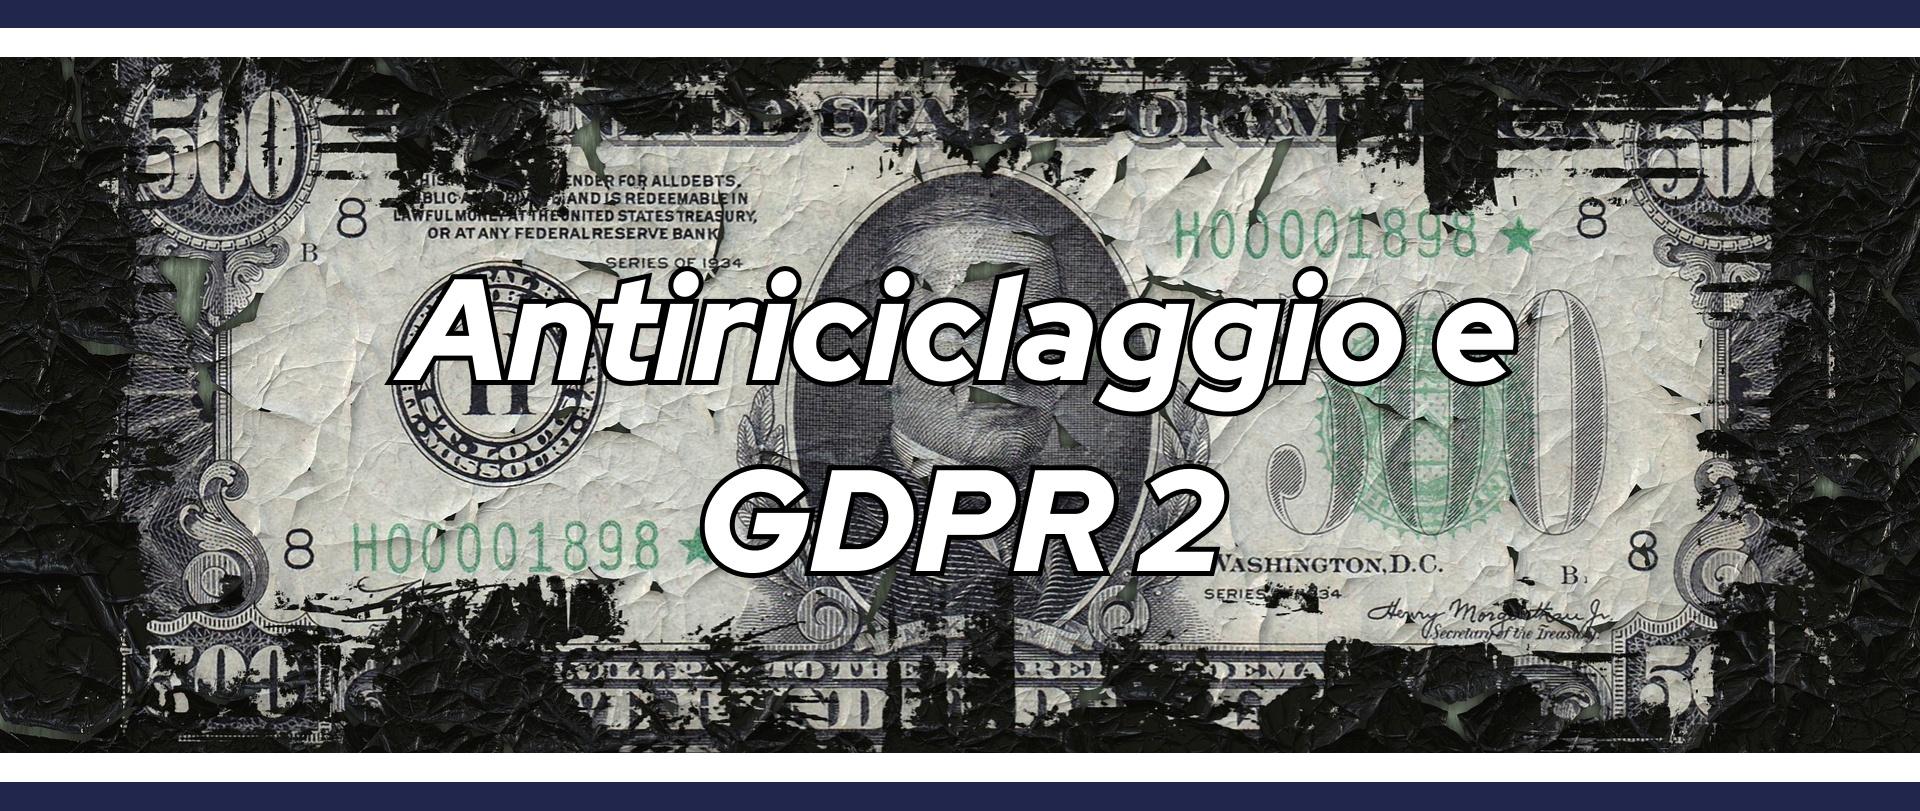 Antiriciclaggio e GDPR 2_StudioBia_Parma